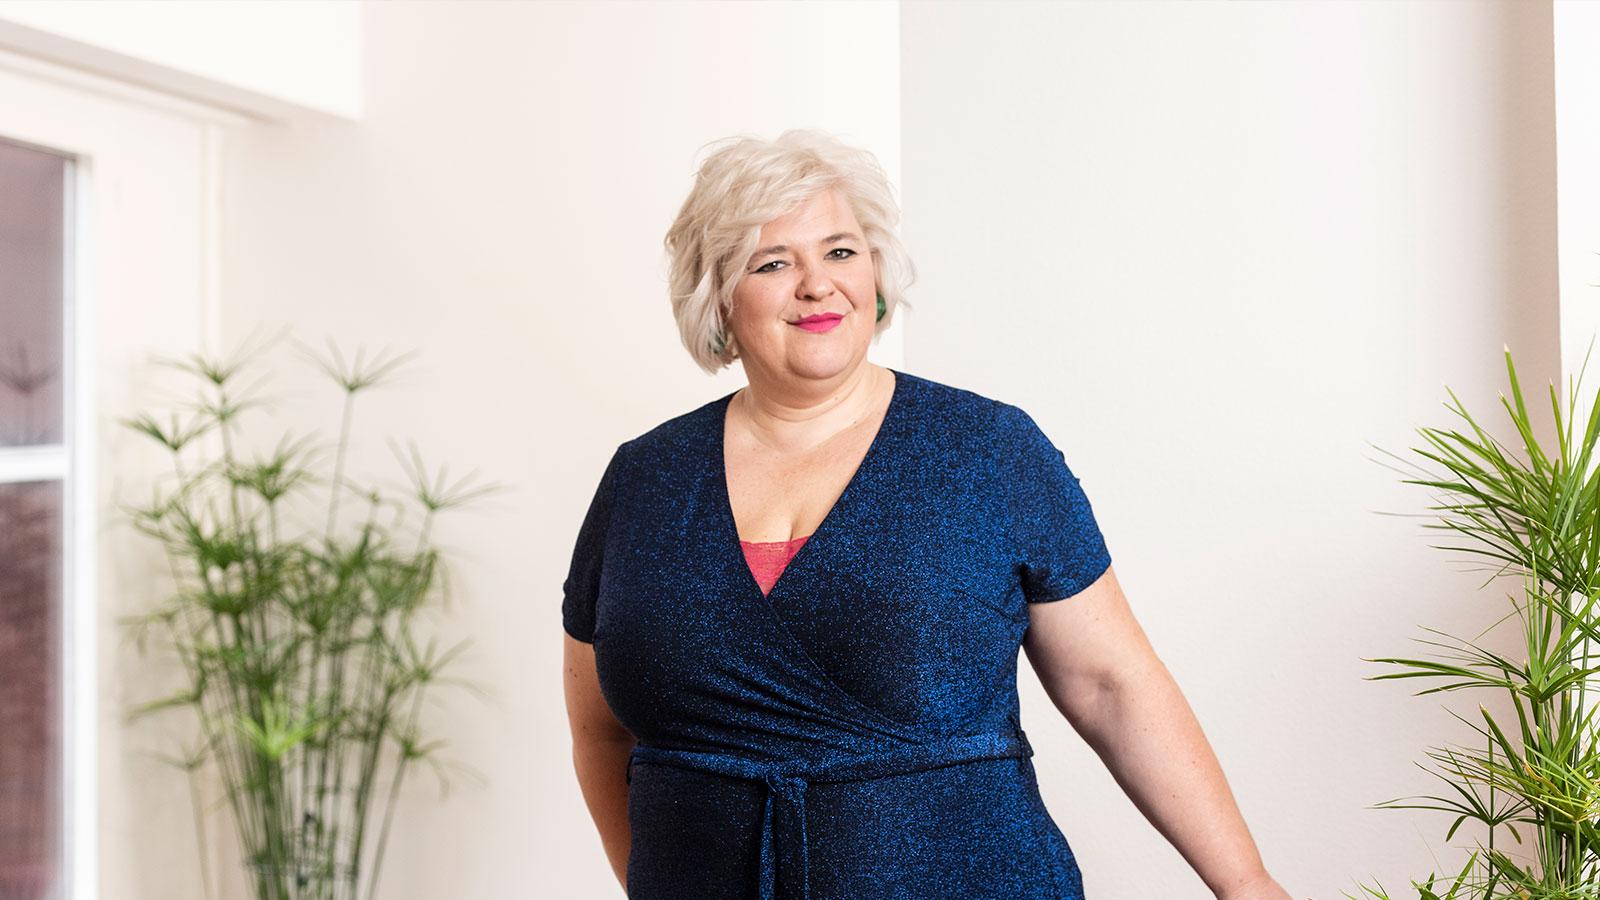 Helen Weiss